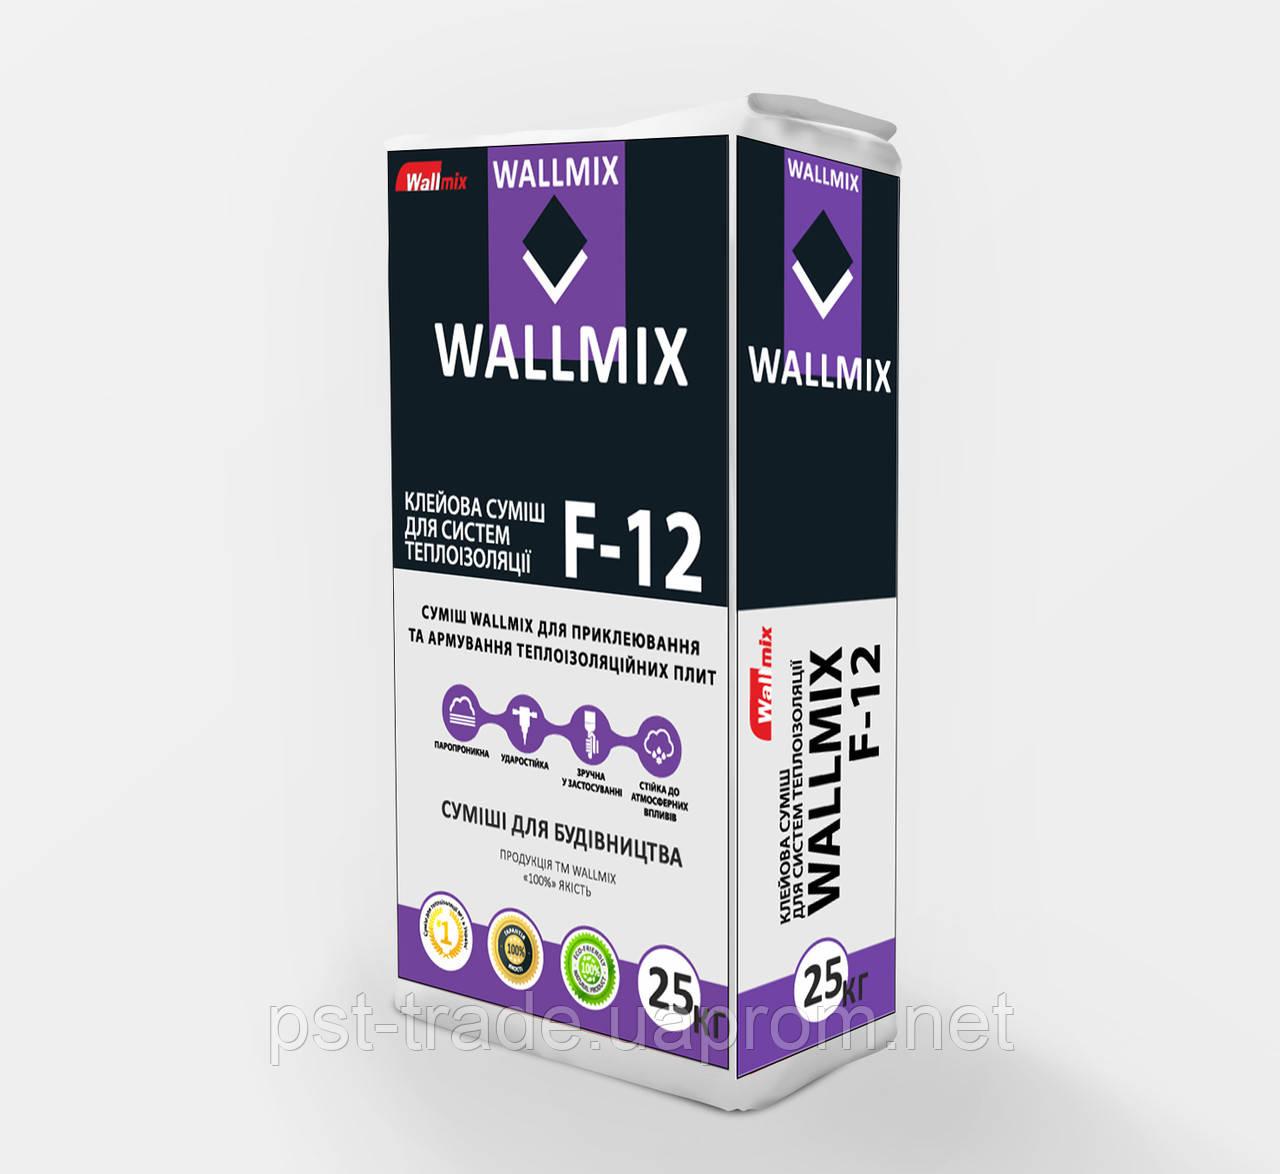 Wallmix F-12 Клейова суміш для систем теплоізоляції та армування, 25 кг